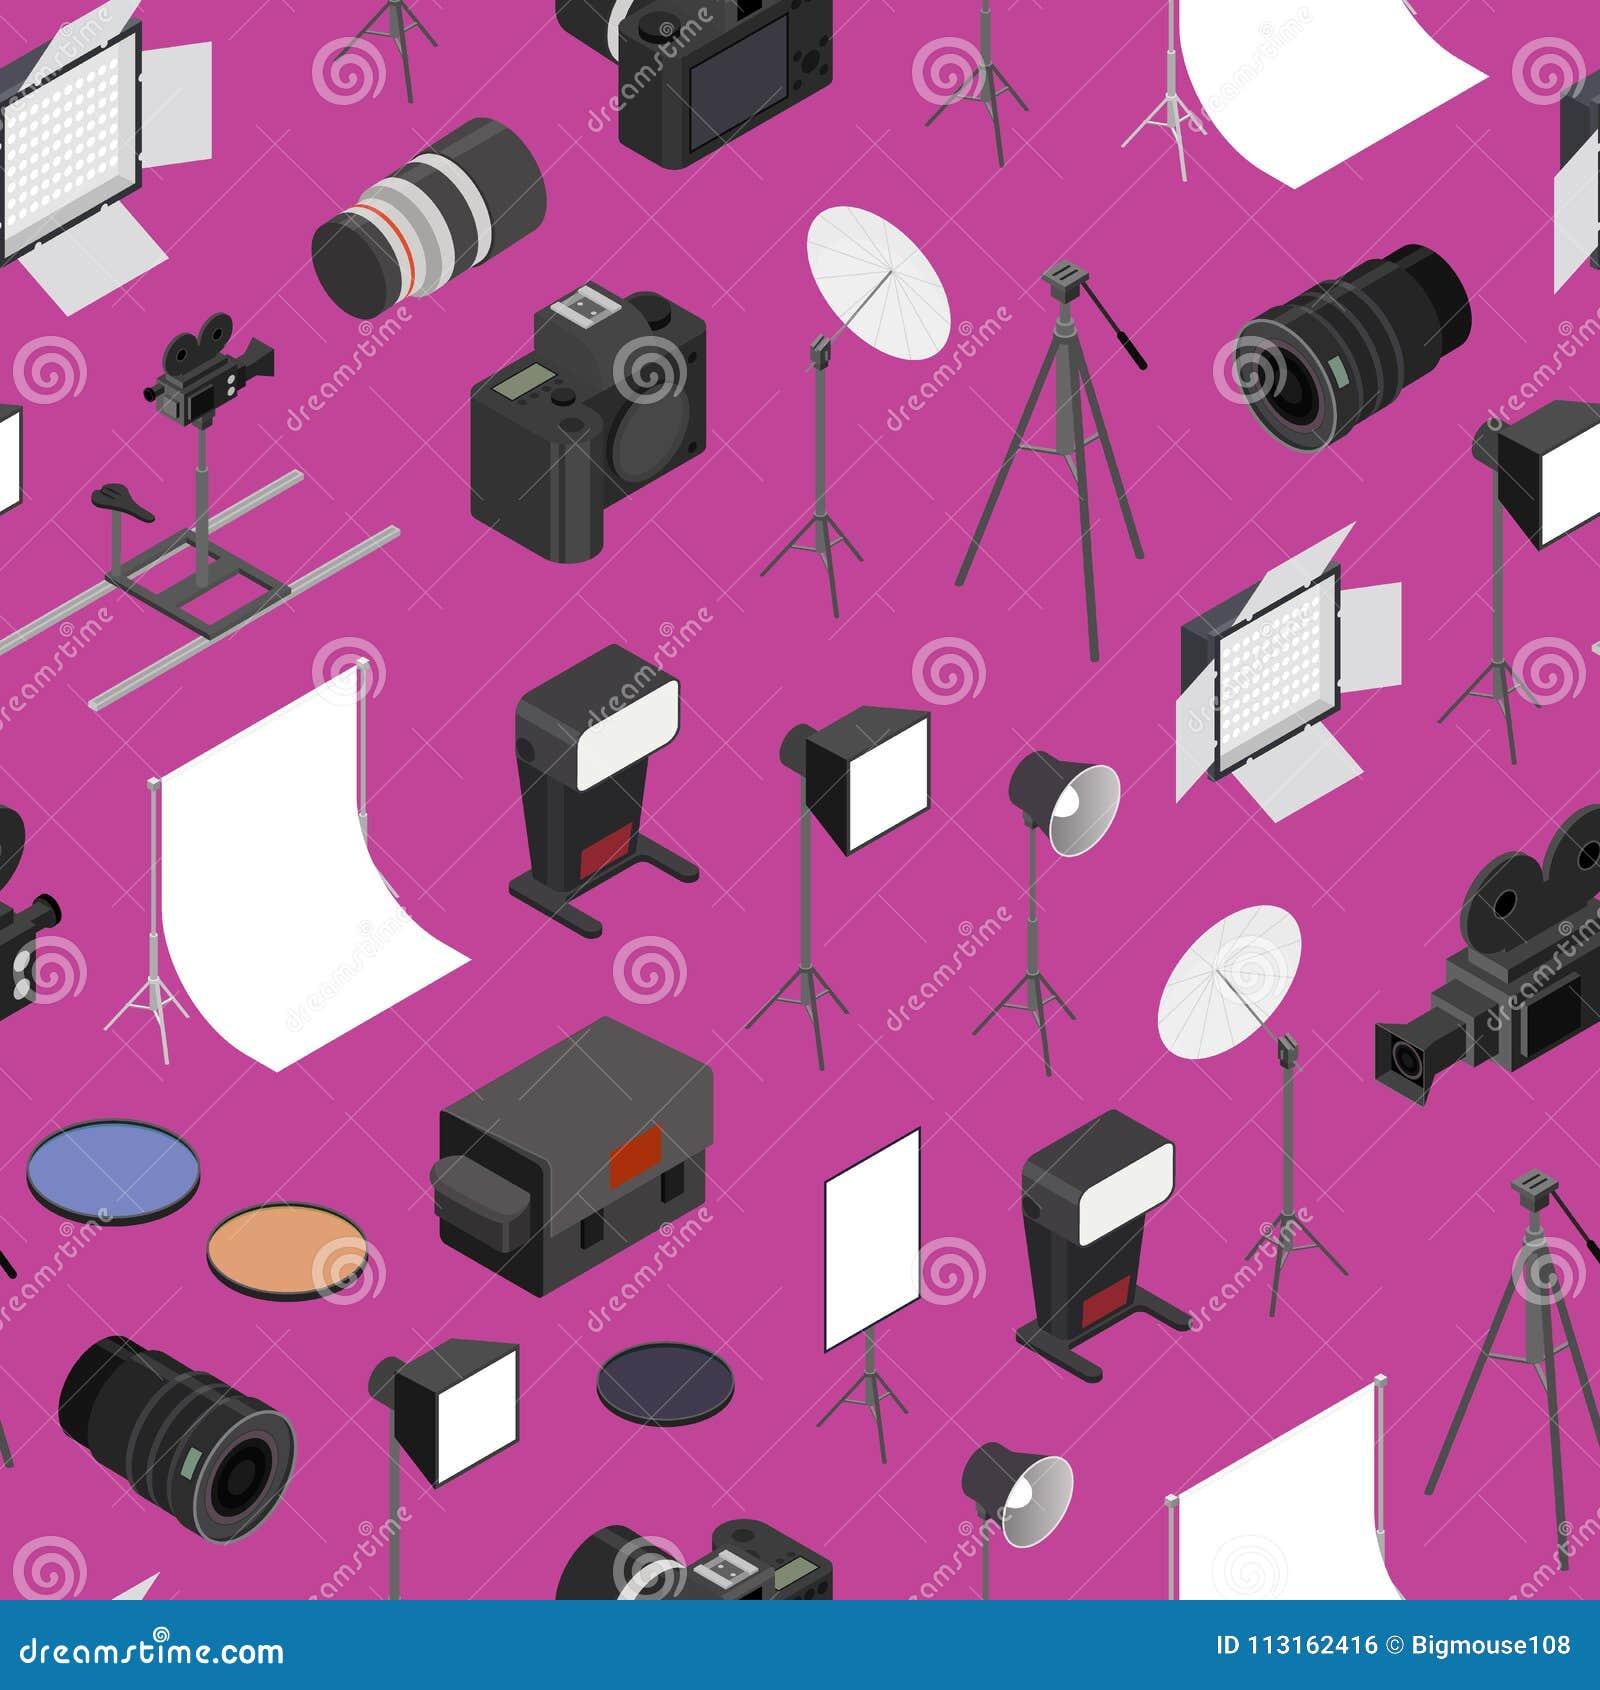 Photo Studio Equipment Seamless Pattern Background Isometric